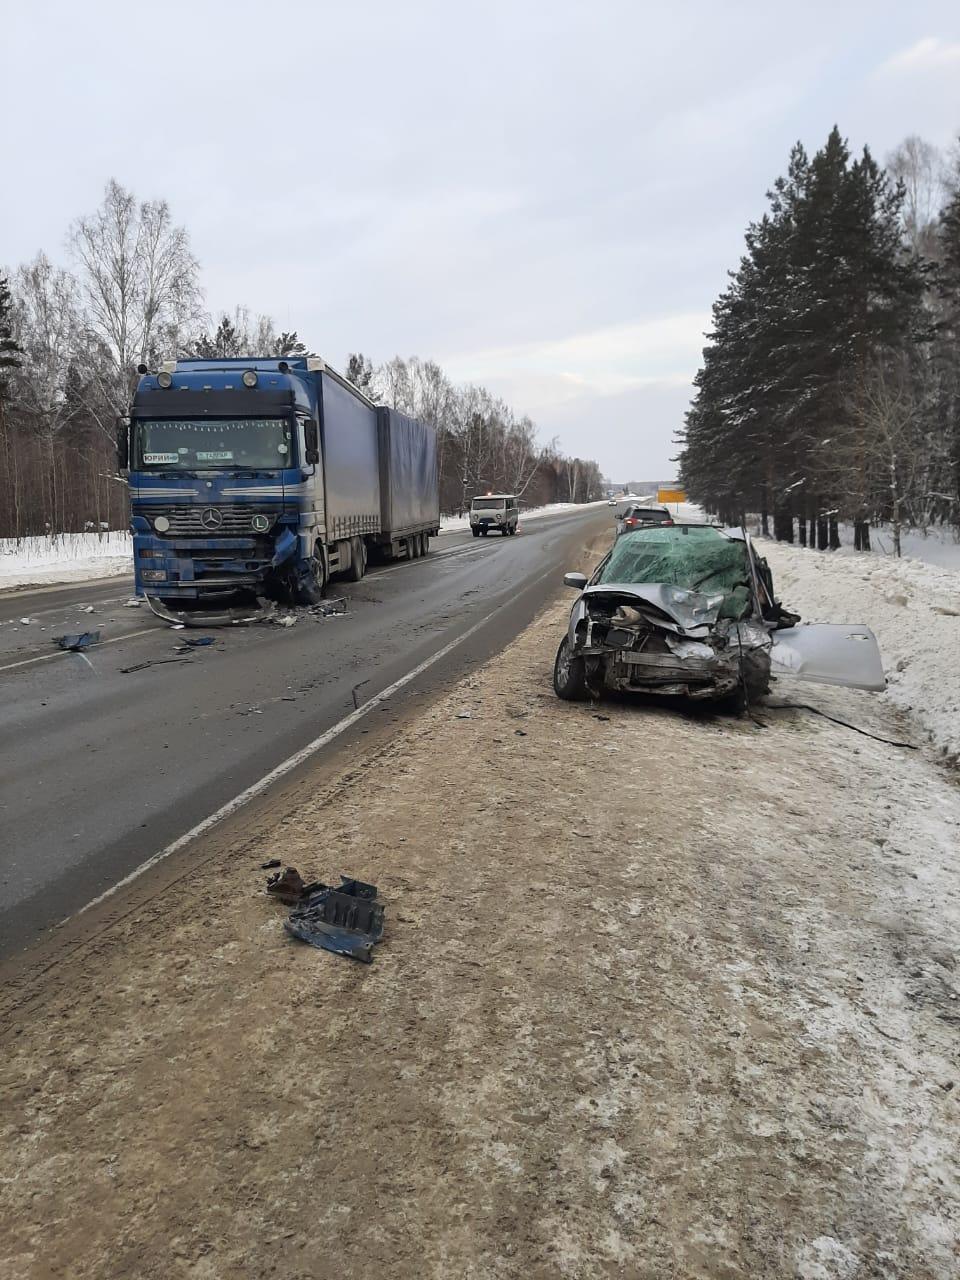 фото Разбились насмерть: появились фото жуткой аварии с участием фуры под Новосибирском 3